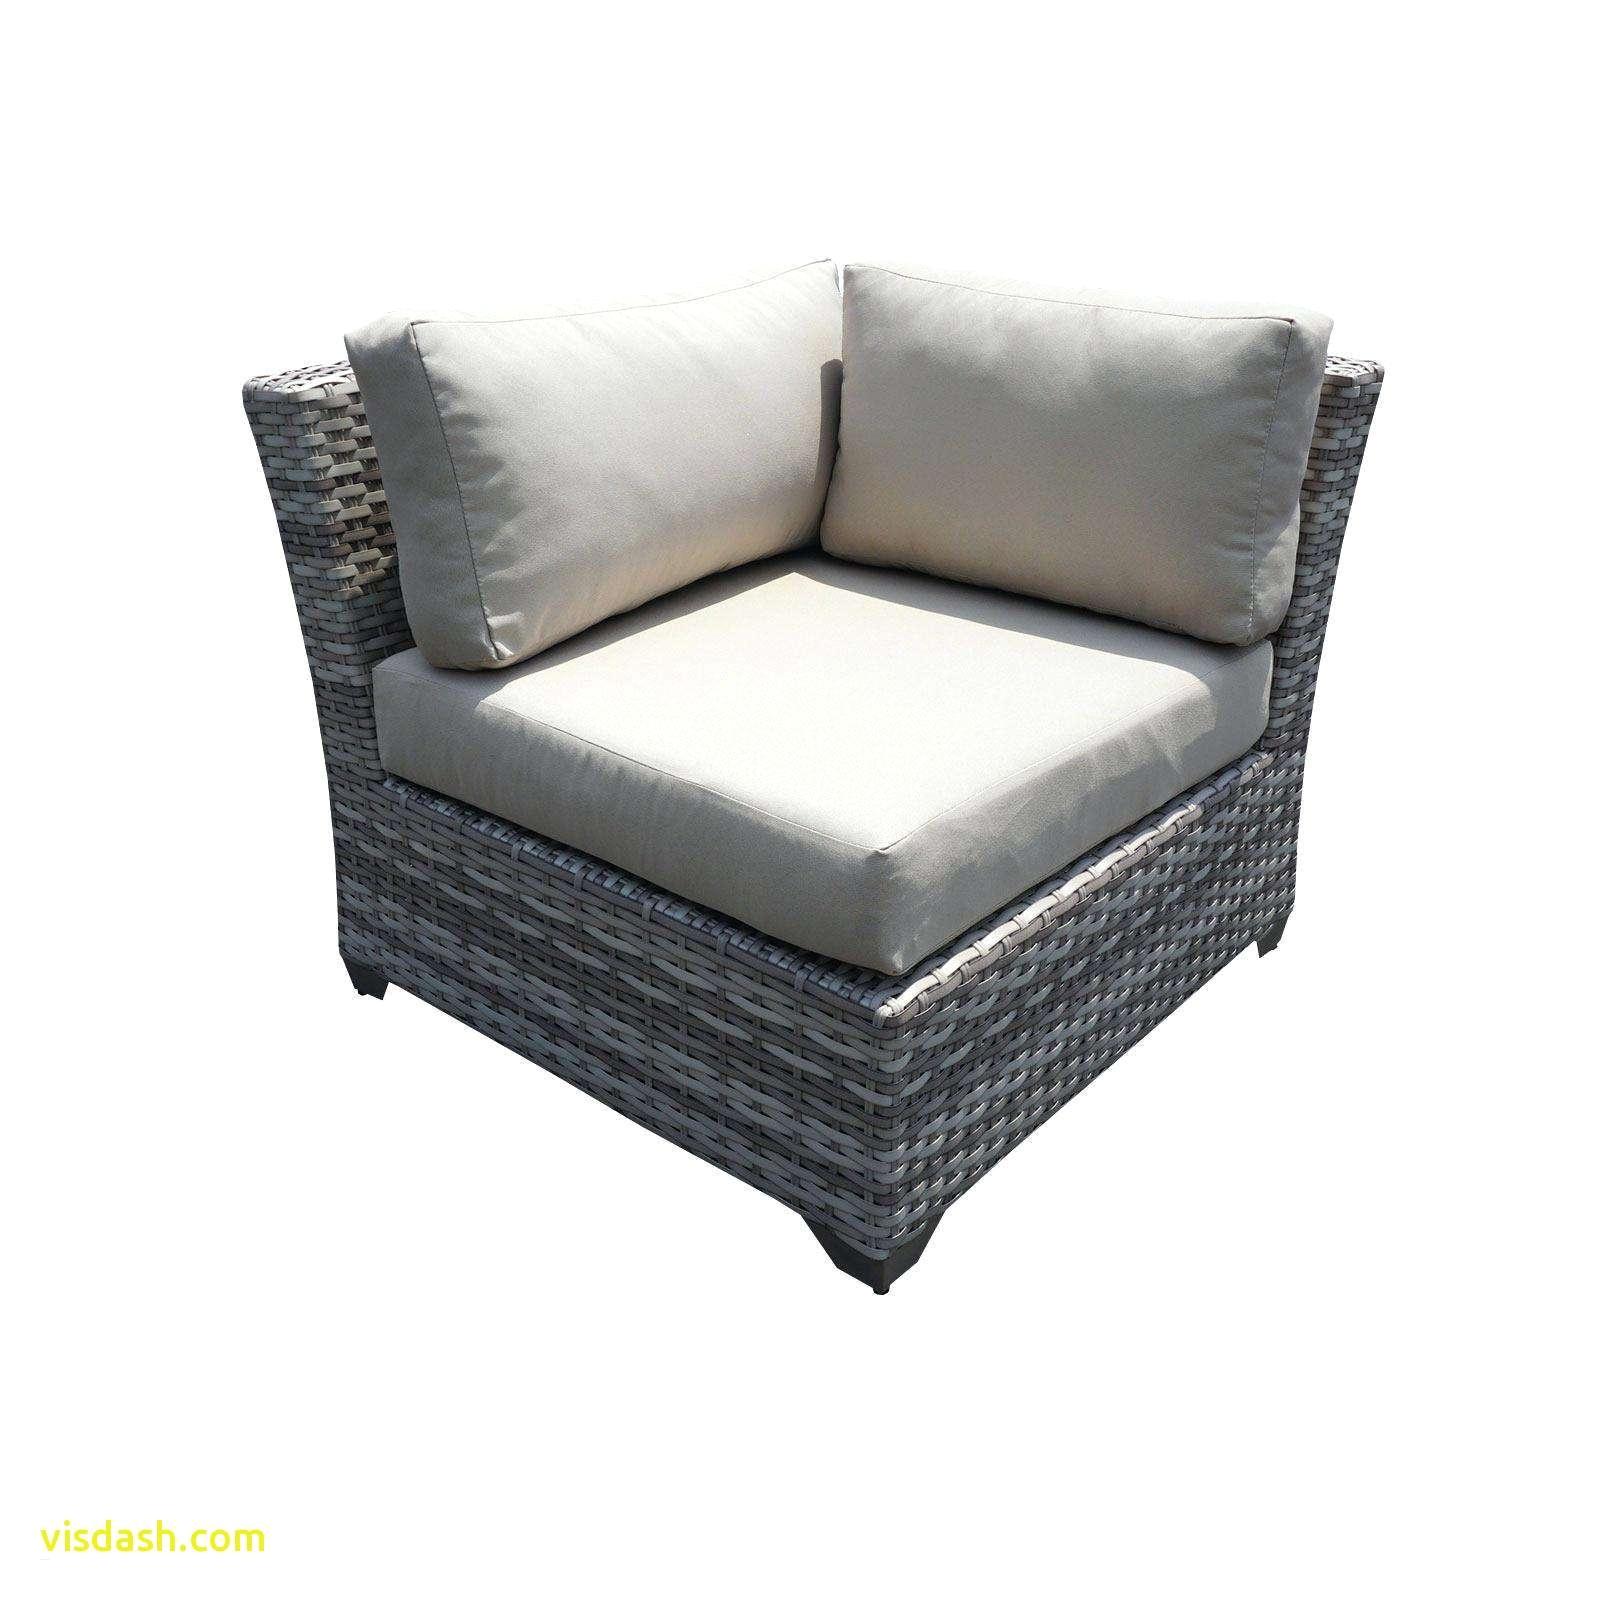 Lawn Chair Fabric Inserts Fresh Patio Chair Cushions Home Decor